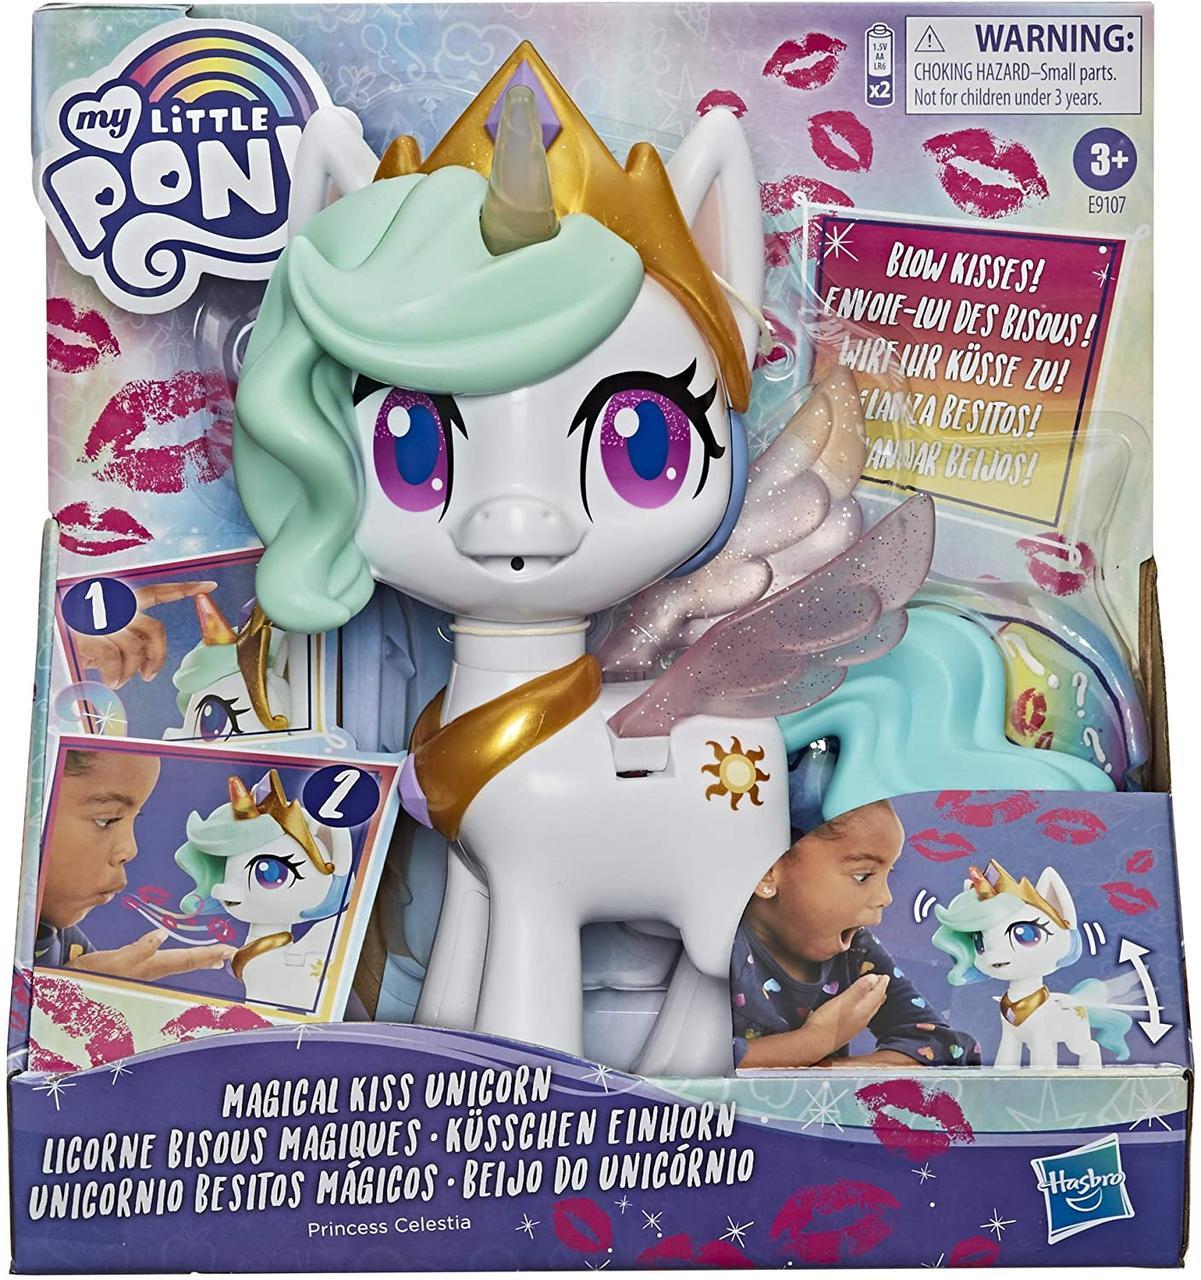 Интерактивная Май литл пони Принцесса Селестия My Little Pony Magical Kiss Unicorn